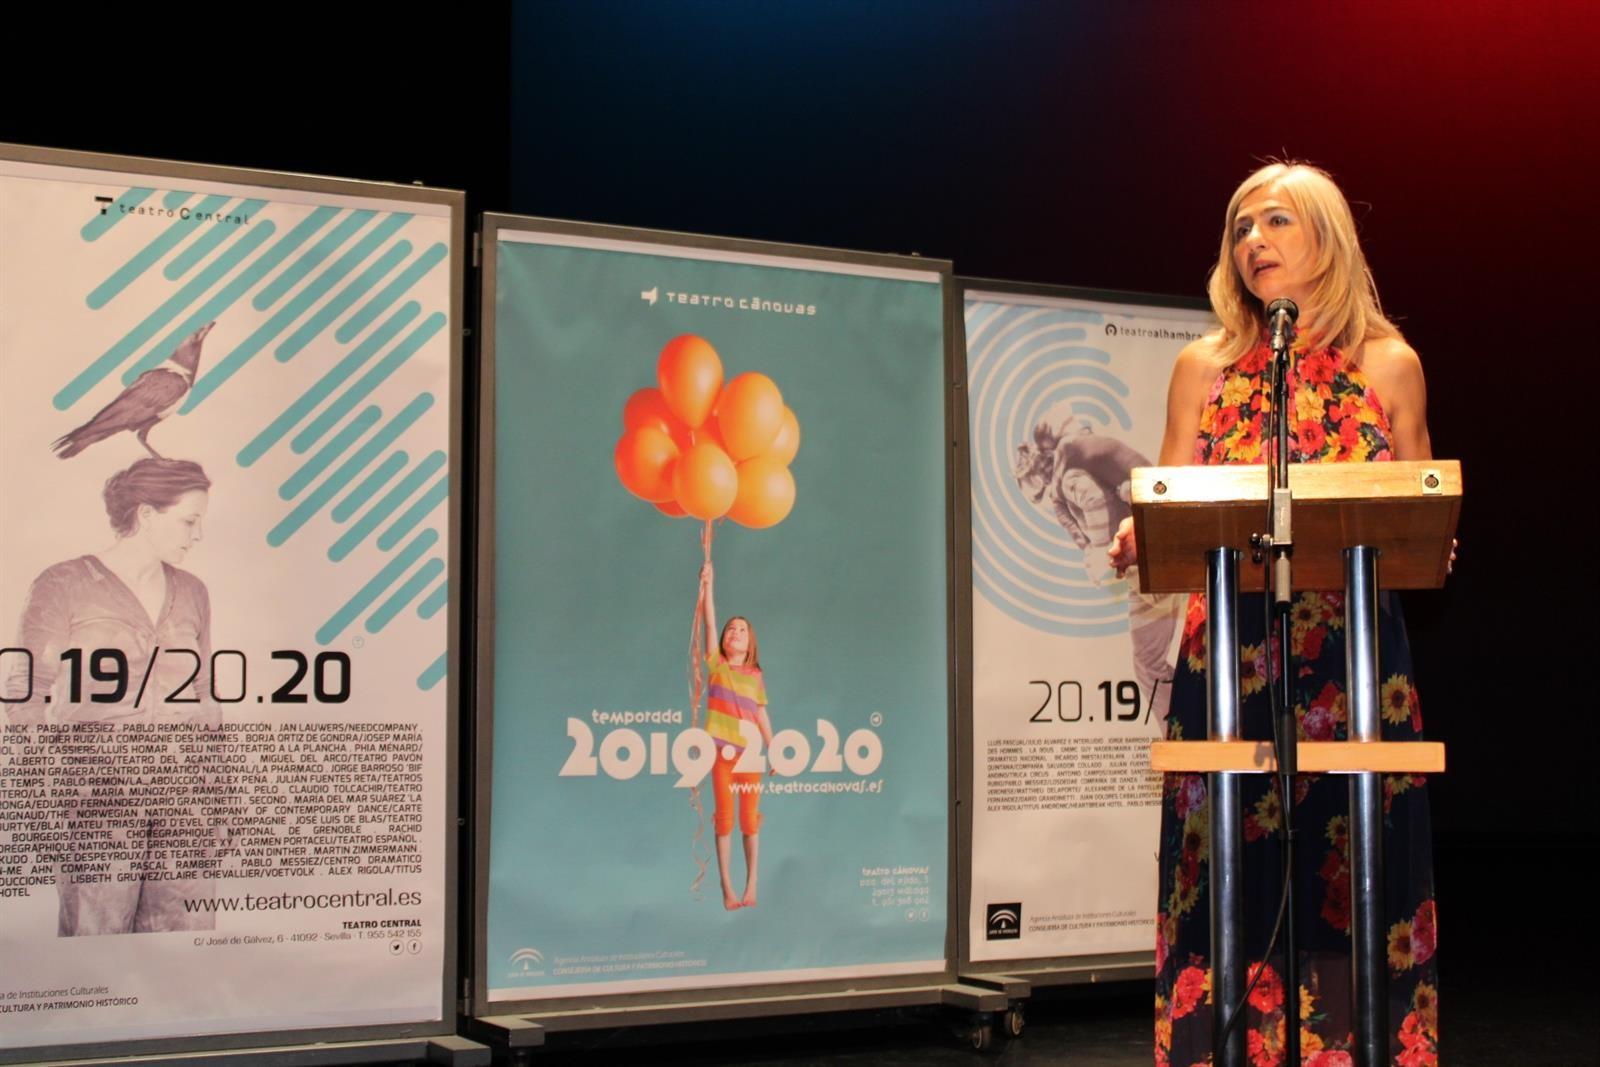 El Teatro Alhambra elige las nuevas fórmulas de circo y danza como reclamo para la próxima temporada